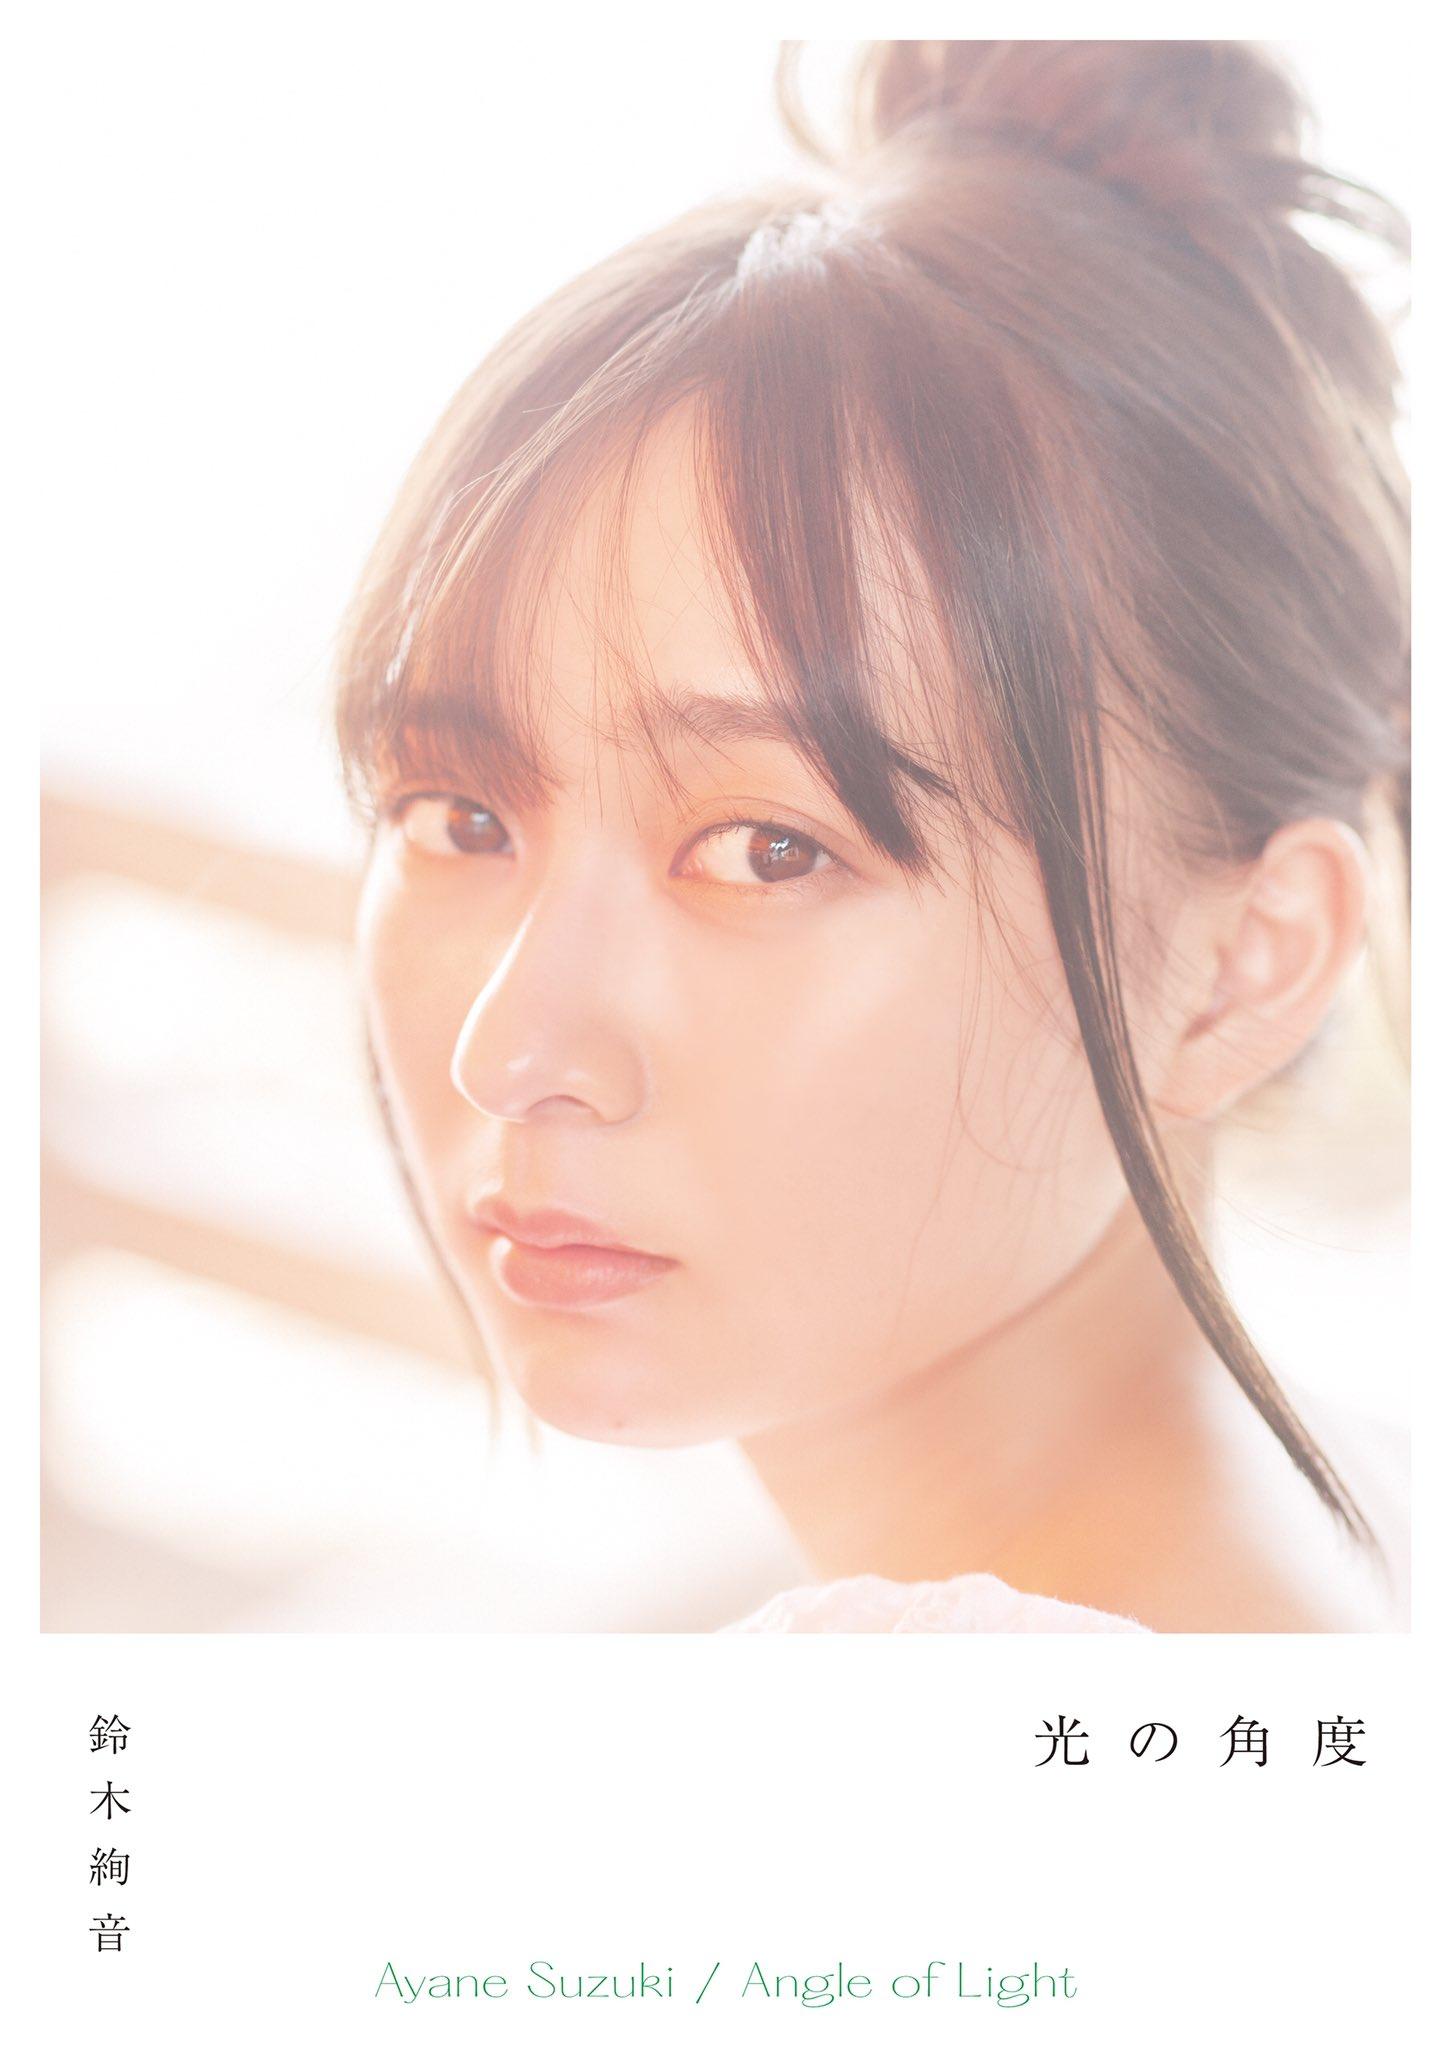 鈴木絢音1st写真集『光の角度』通常版表紙